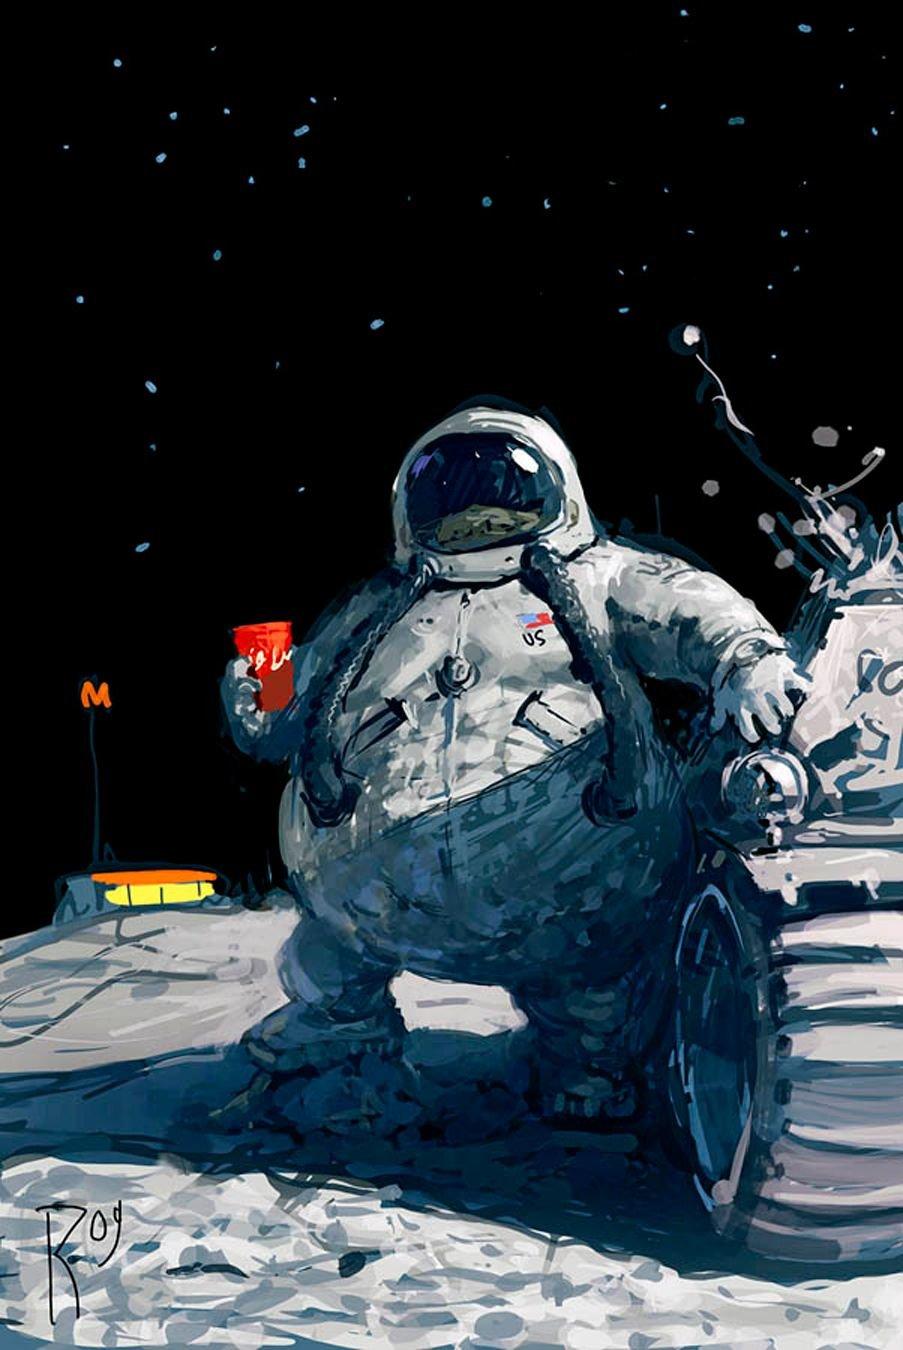 Прикольная картинка про космос, поздравление